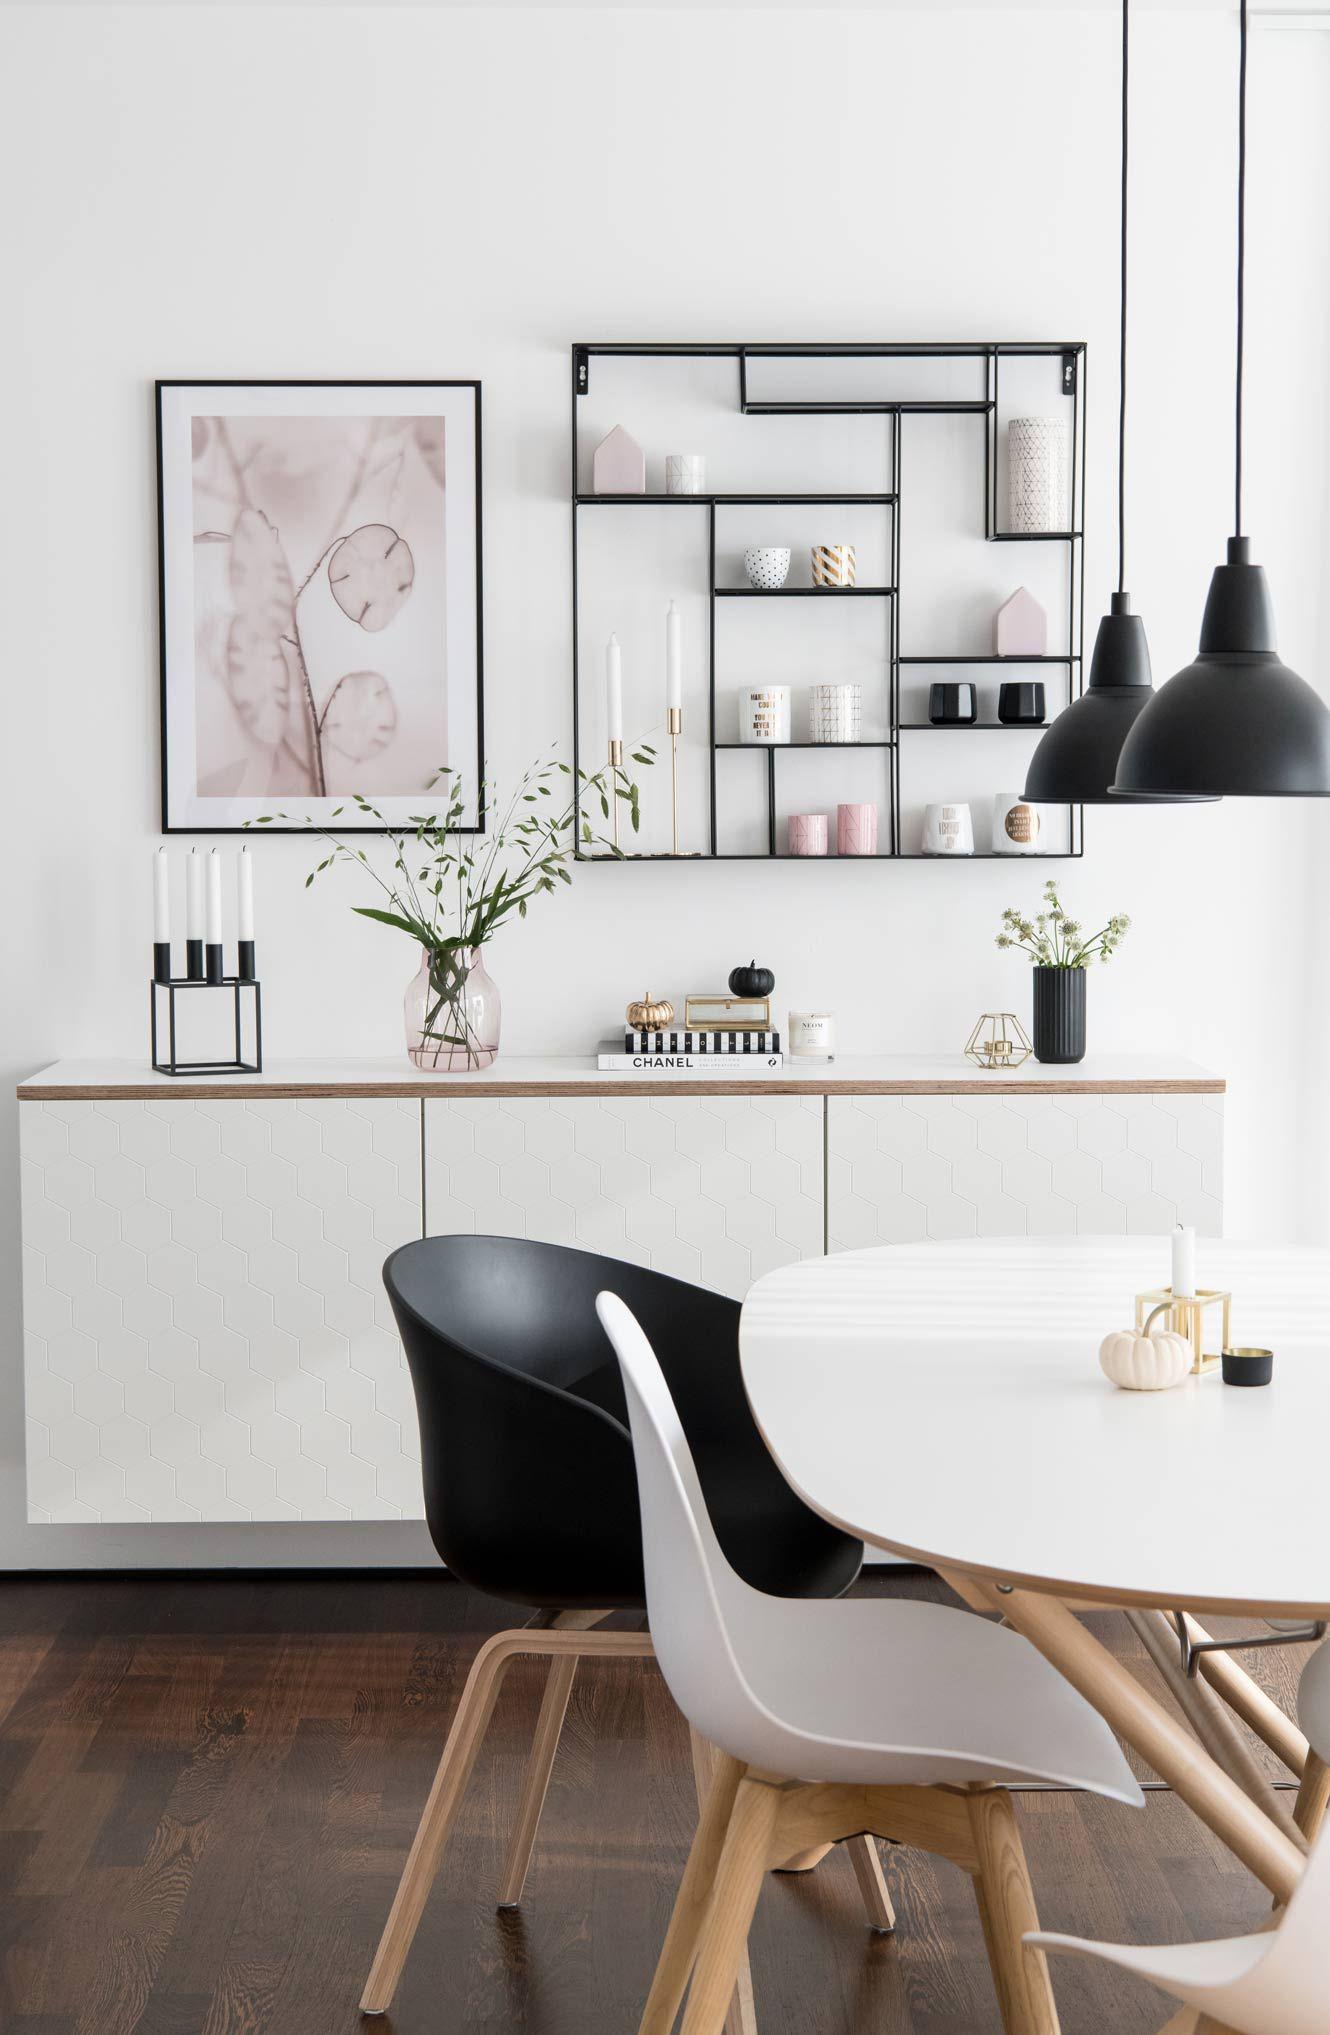 Diy Ikea Besta Mit Multiplex Platte Soul Follows Design Ikea Wohnzimmer Ikea Esszimmer Ikea Esstisch